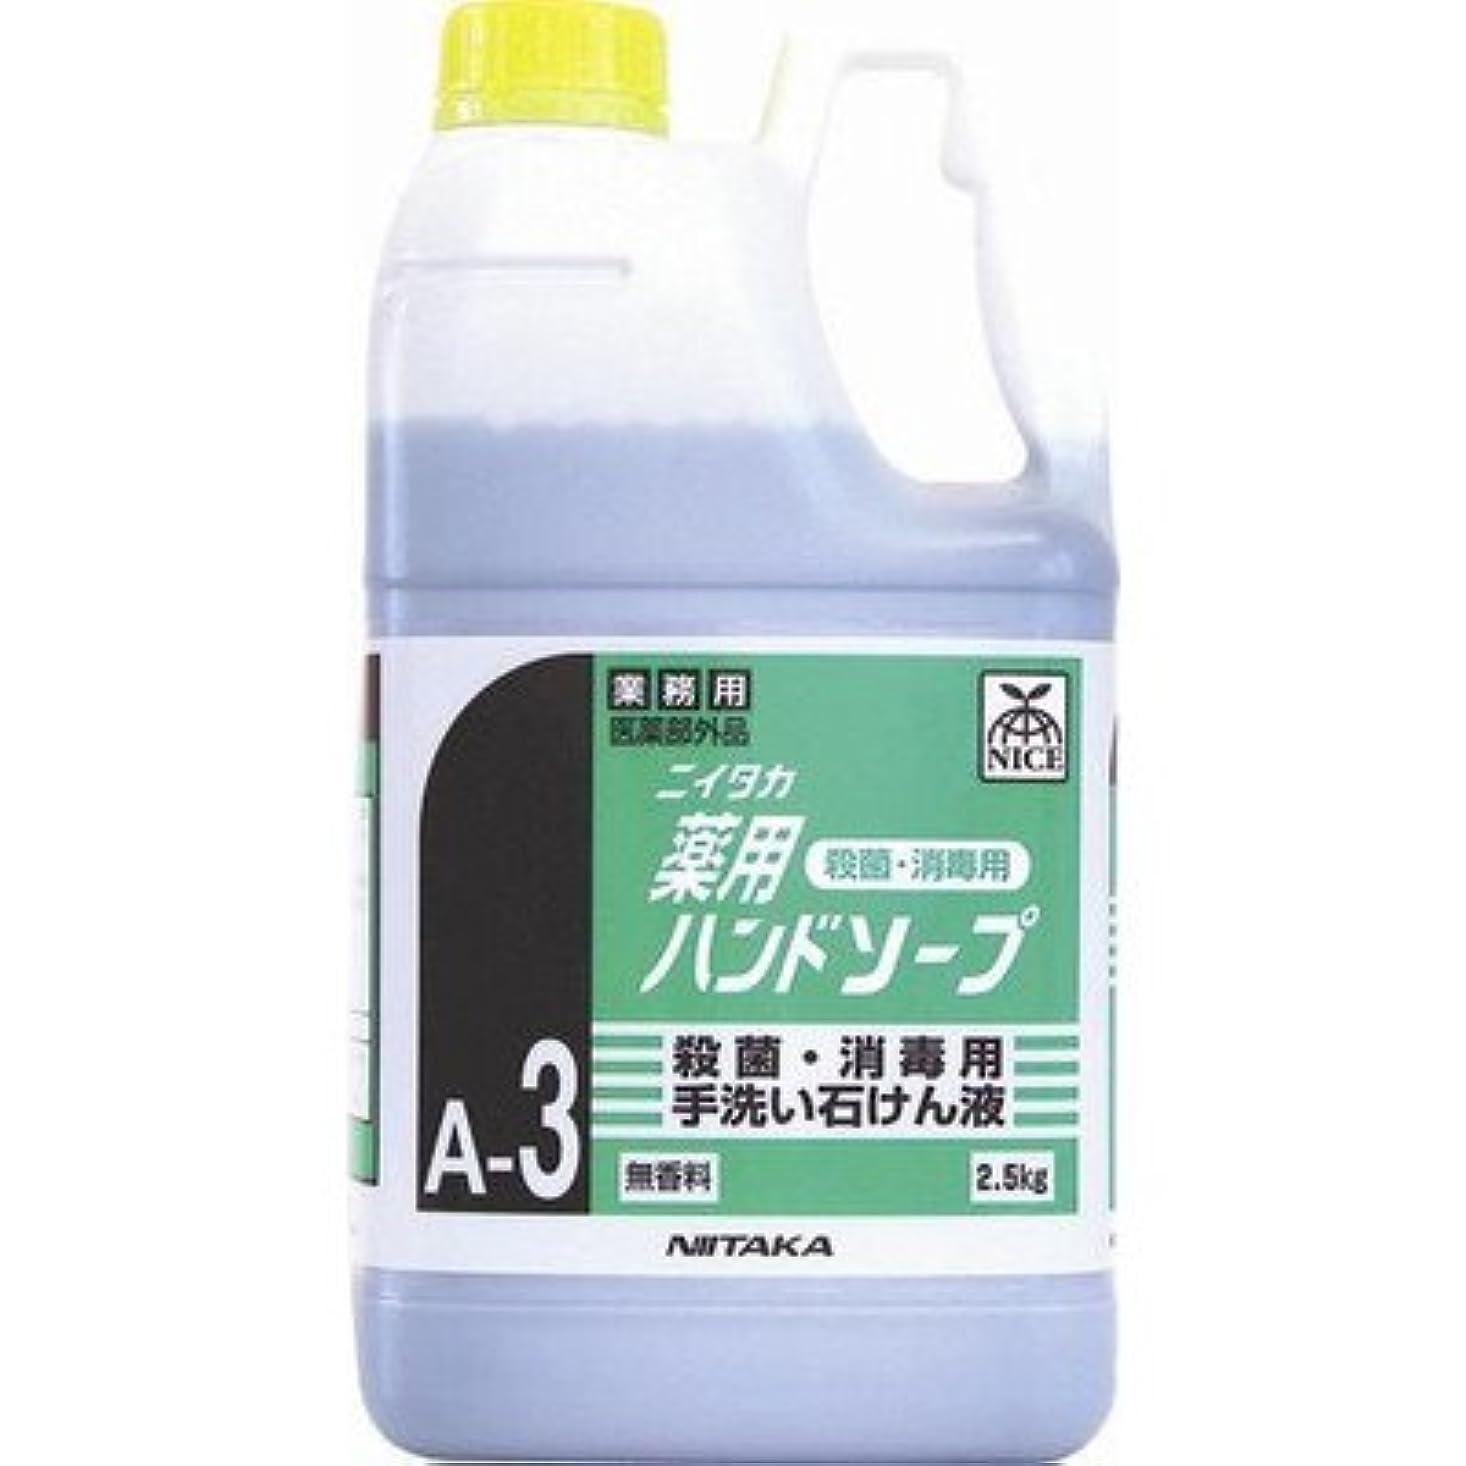 トイレ弁護機構ニイタカ 業務用手洗い石けん液 薬用ハンドソープ(A-3) 2.5kg×6本